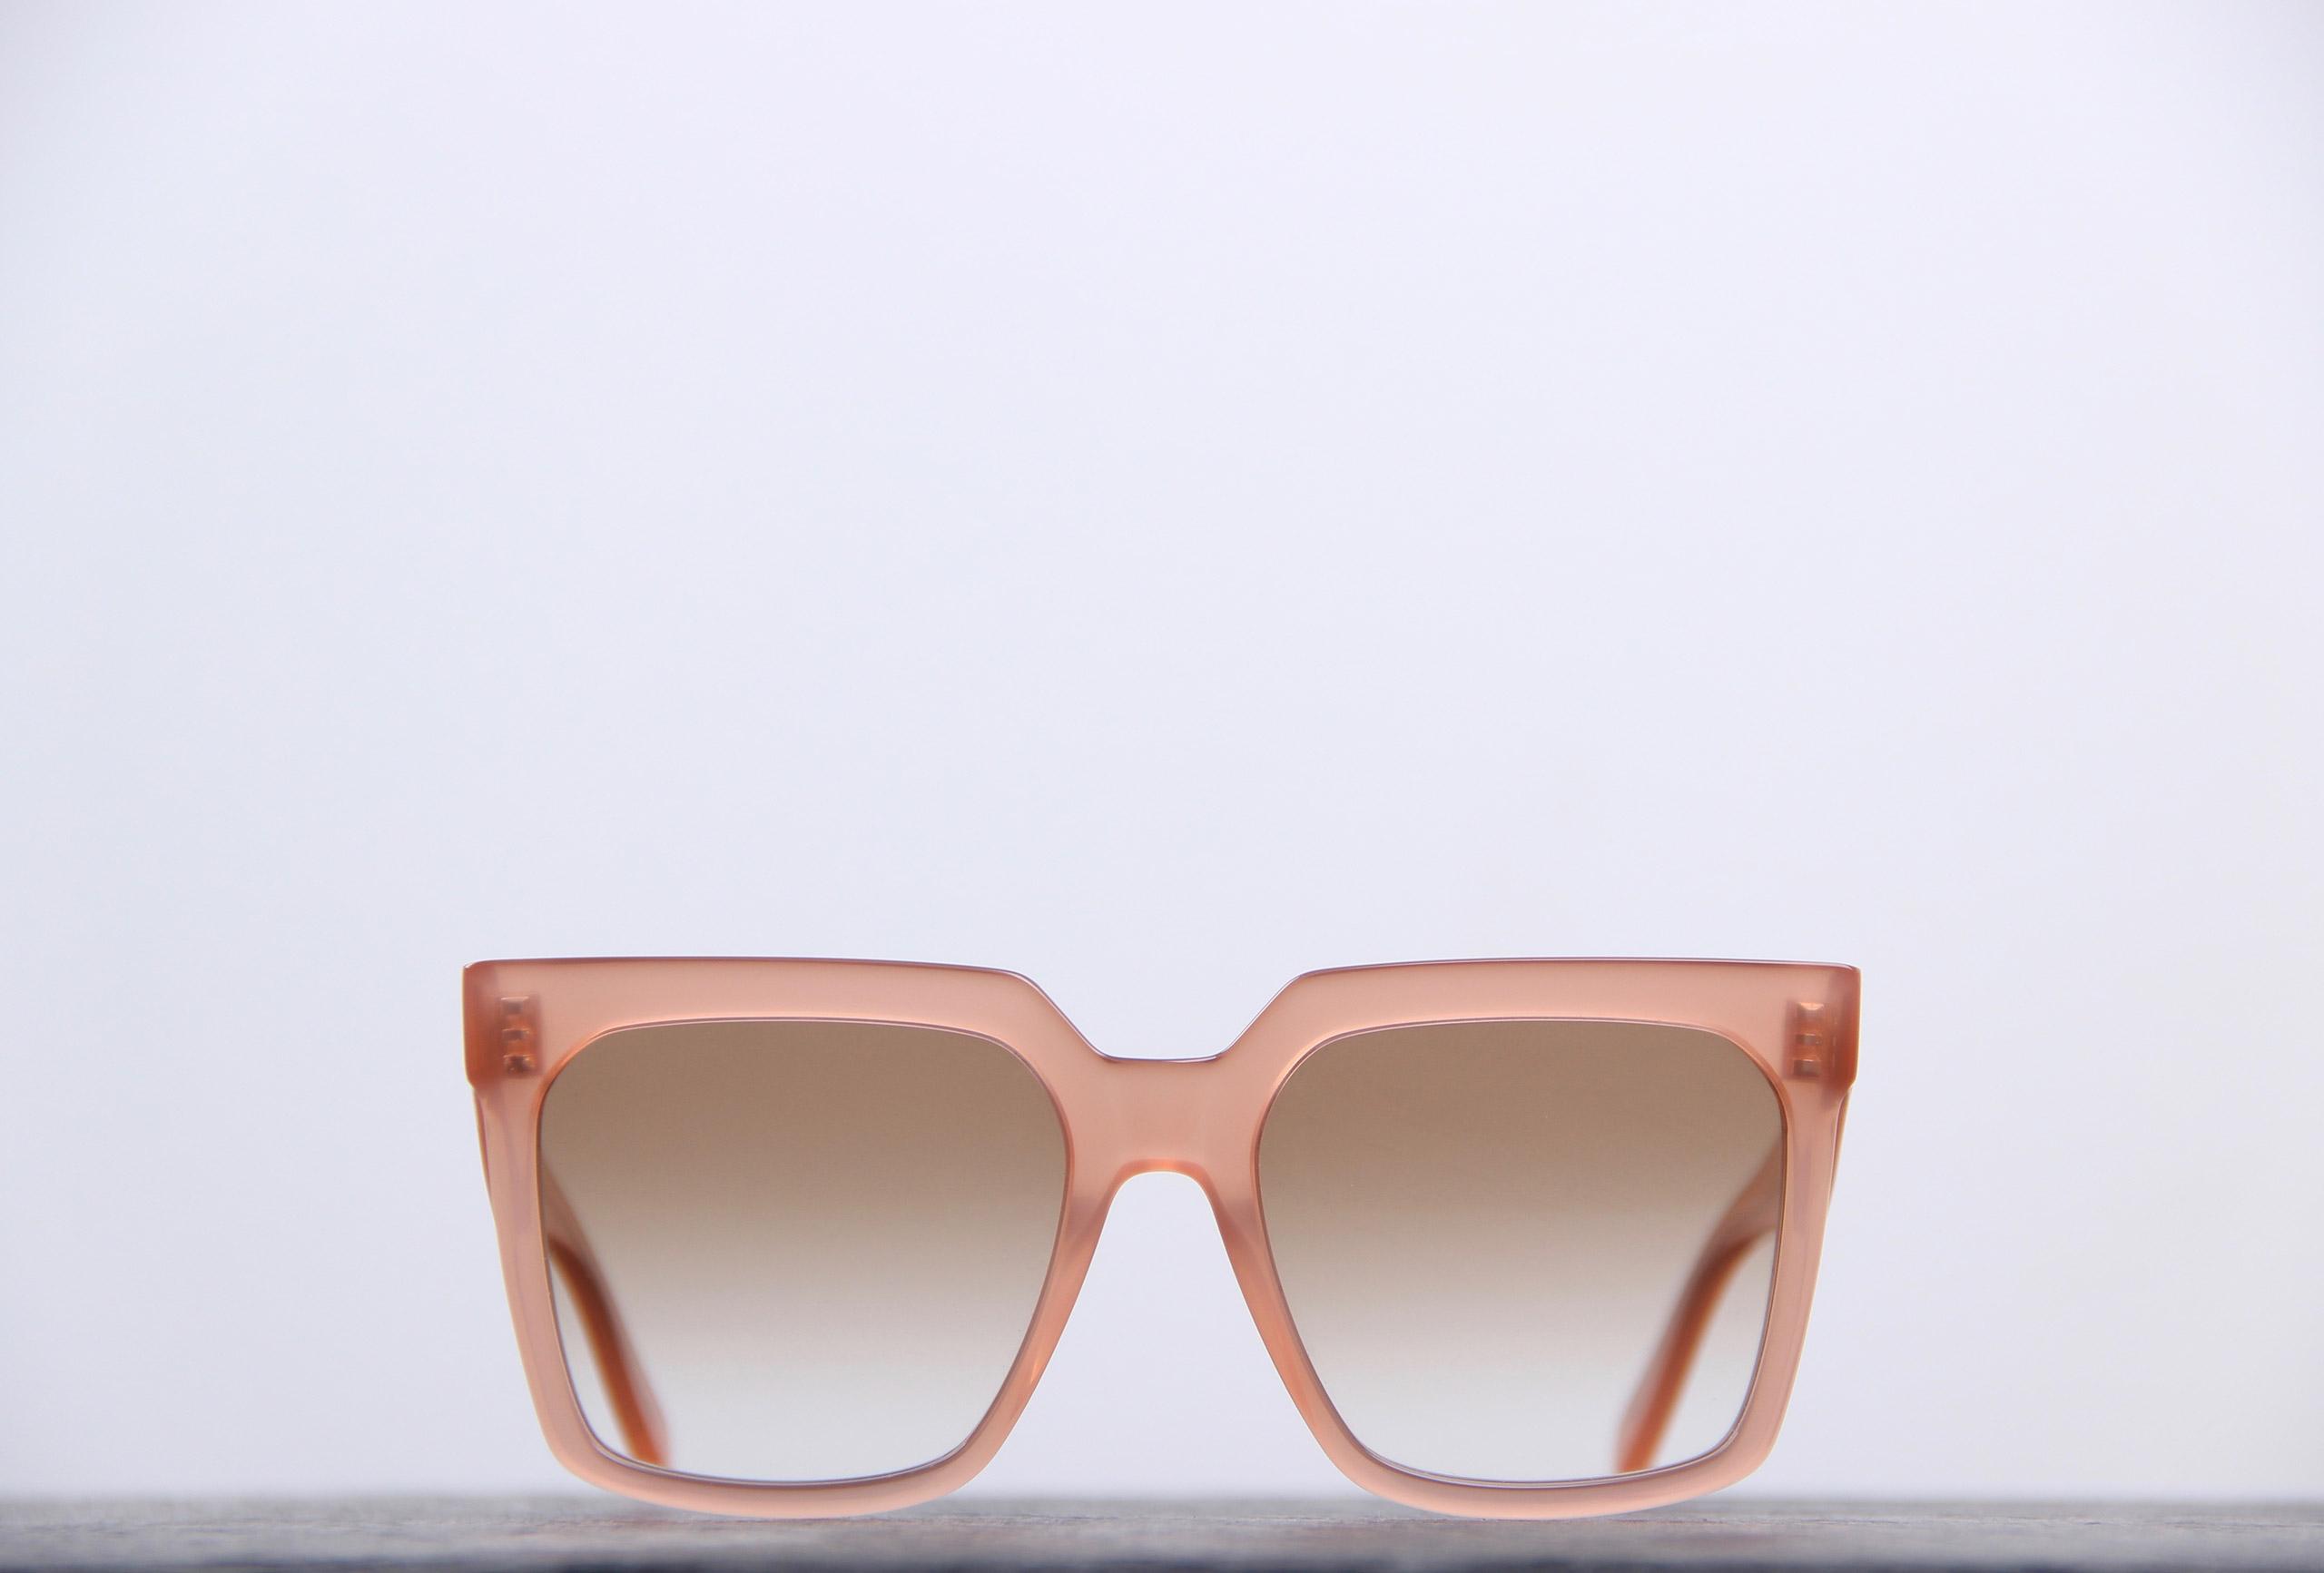 lunettes carrées celine - monture épaisse couleur nude